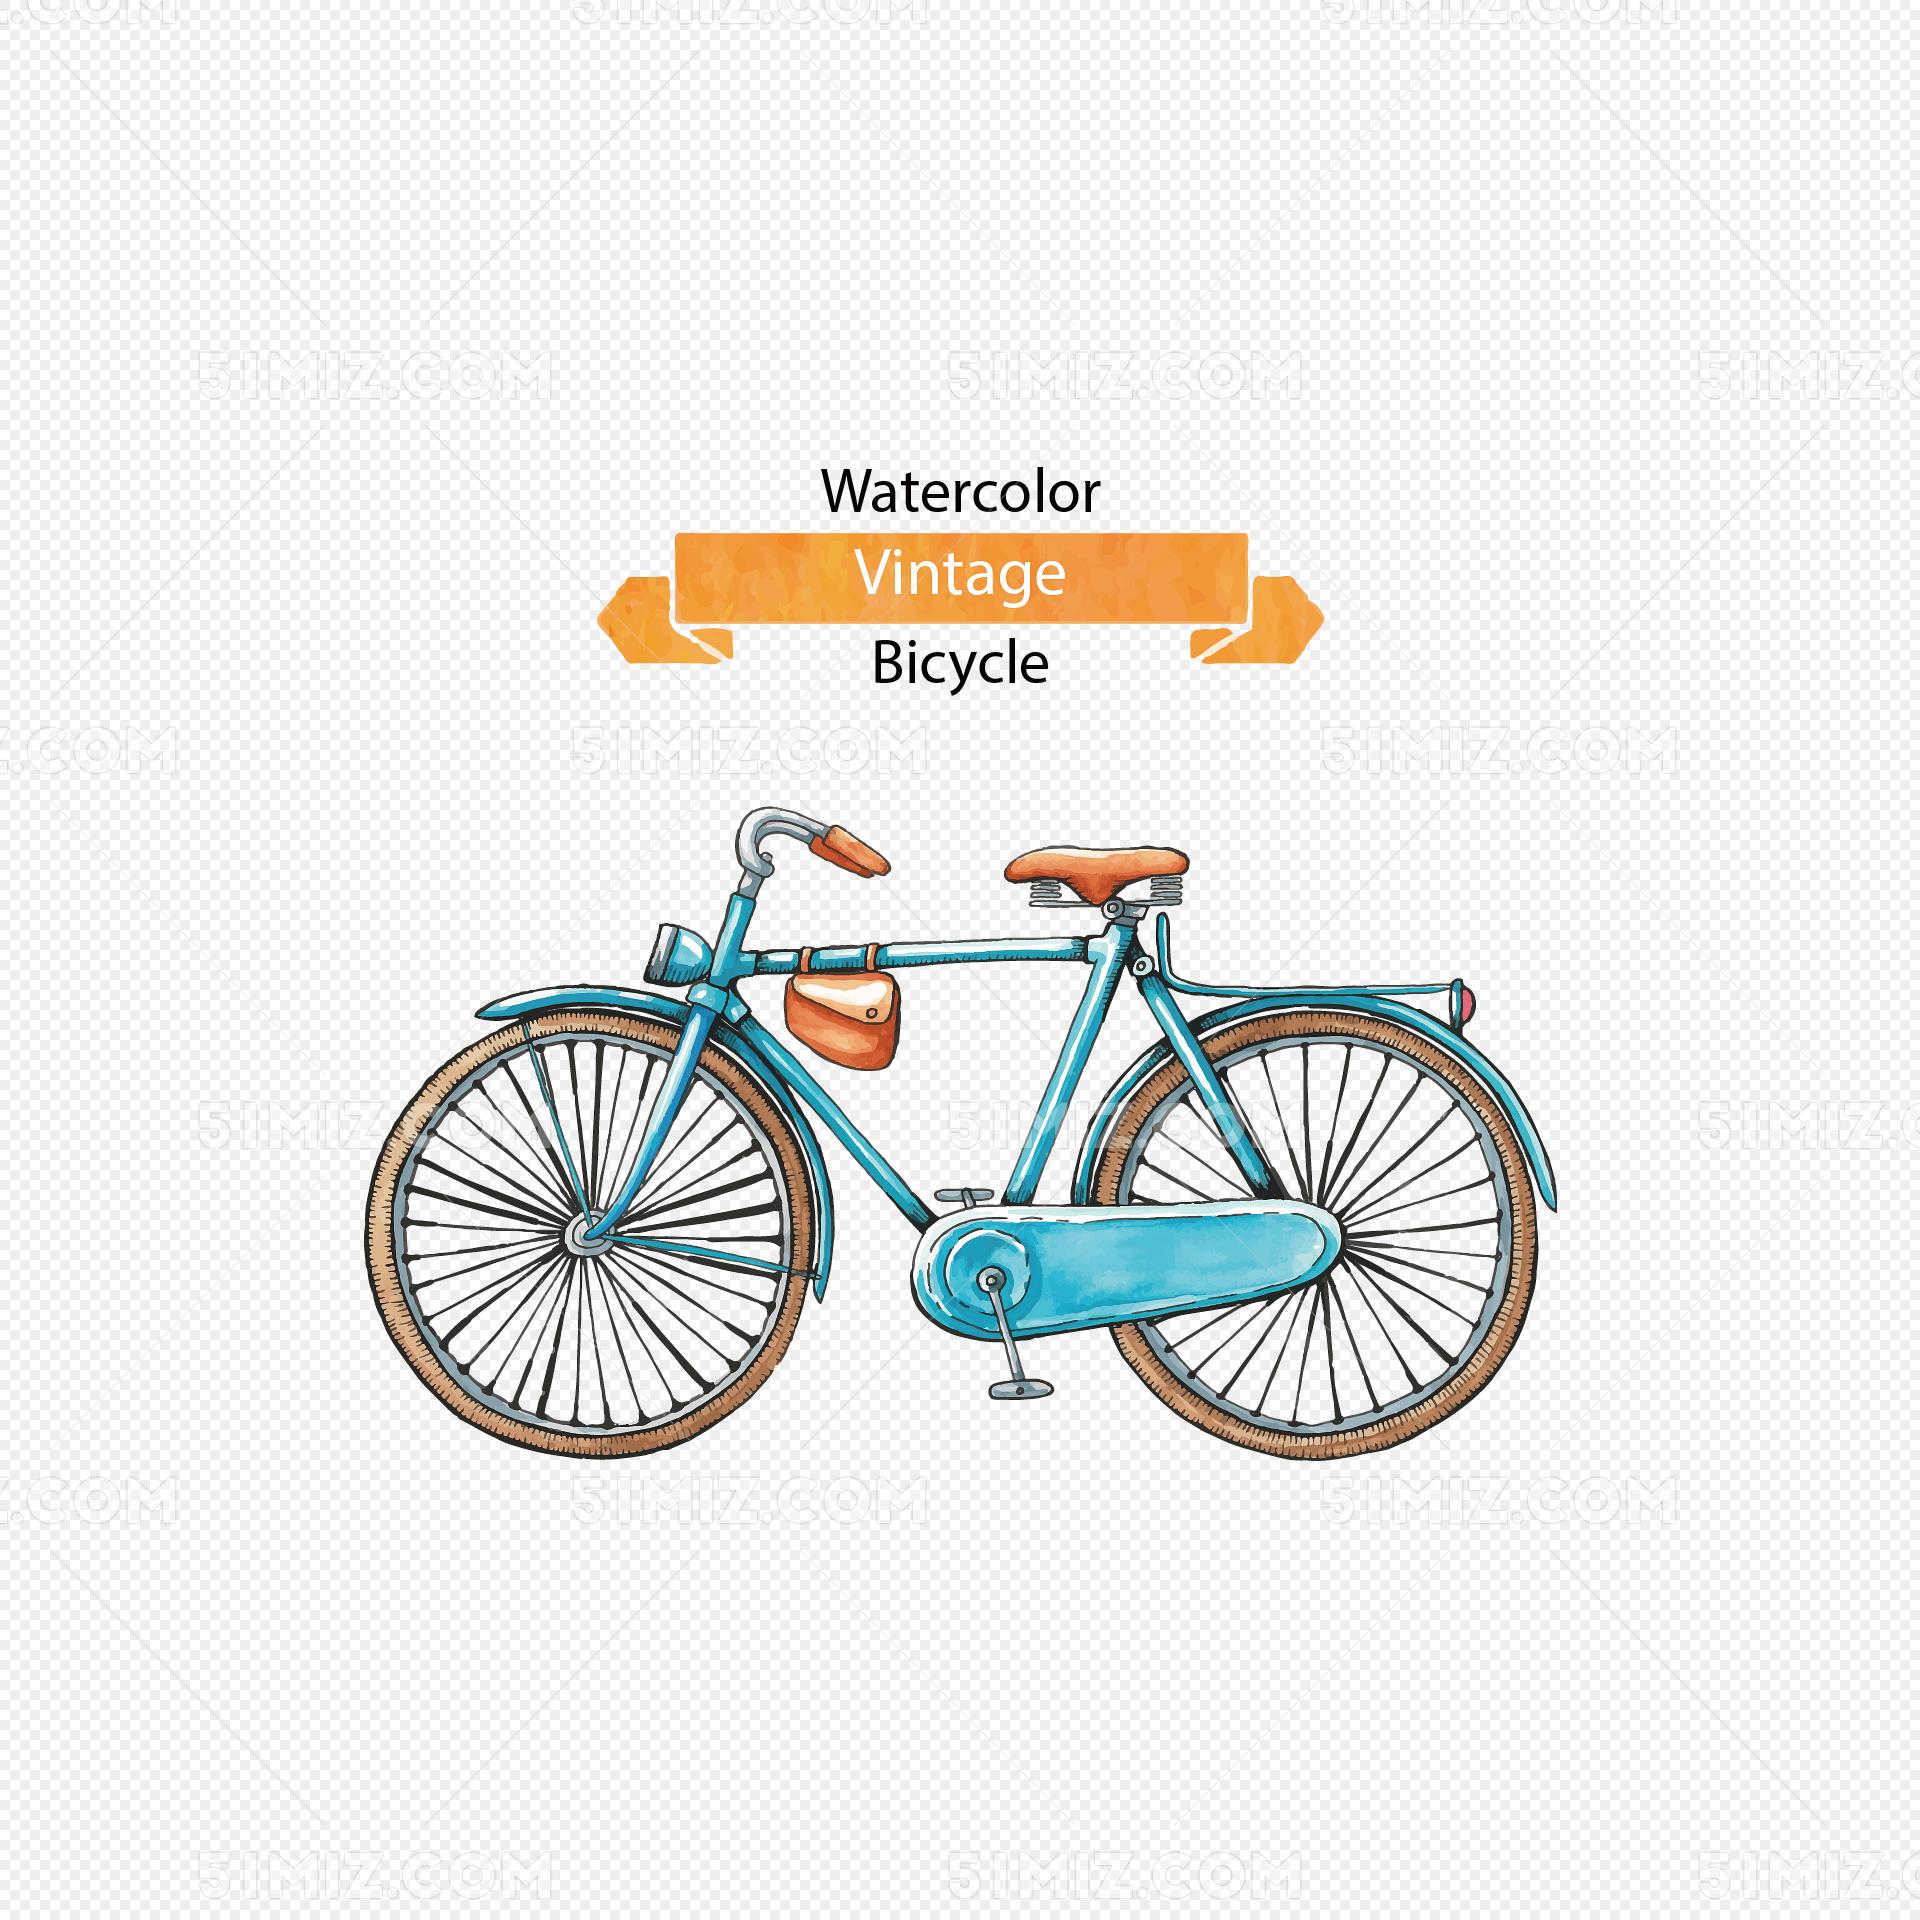 矢量手绘自行车图片素材免费下载_觅知网